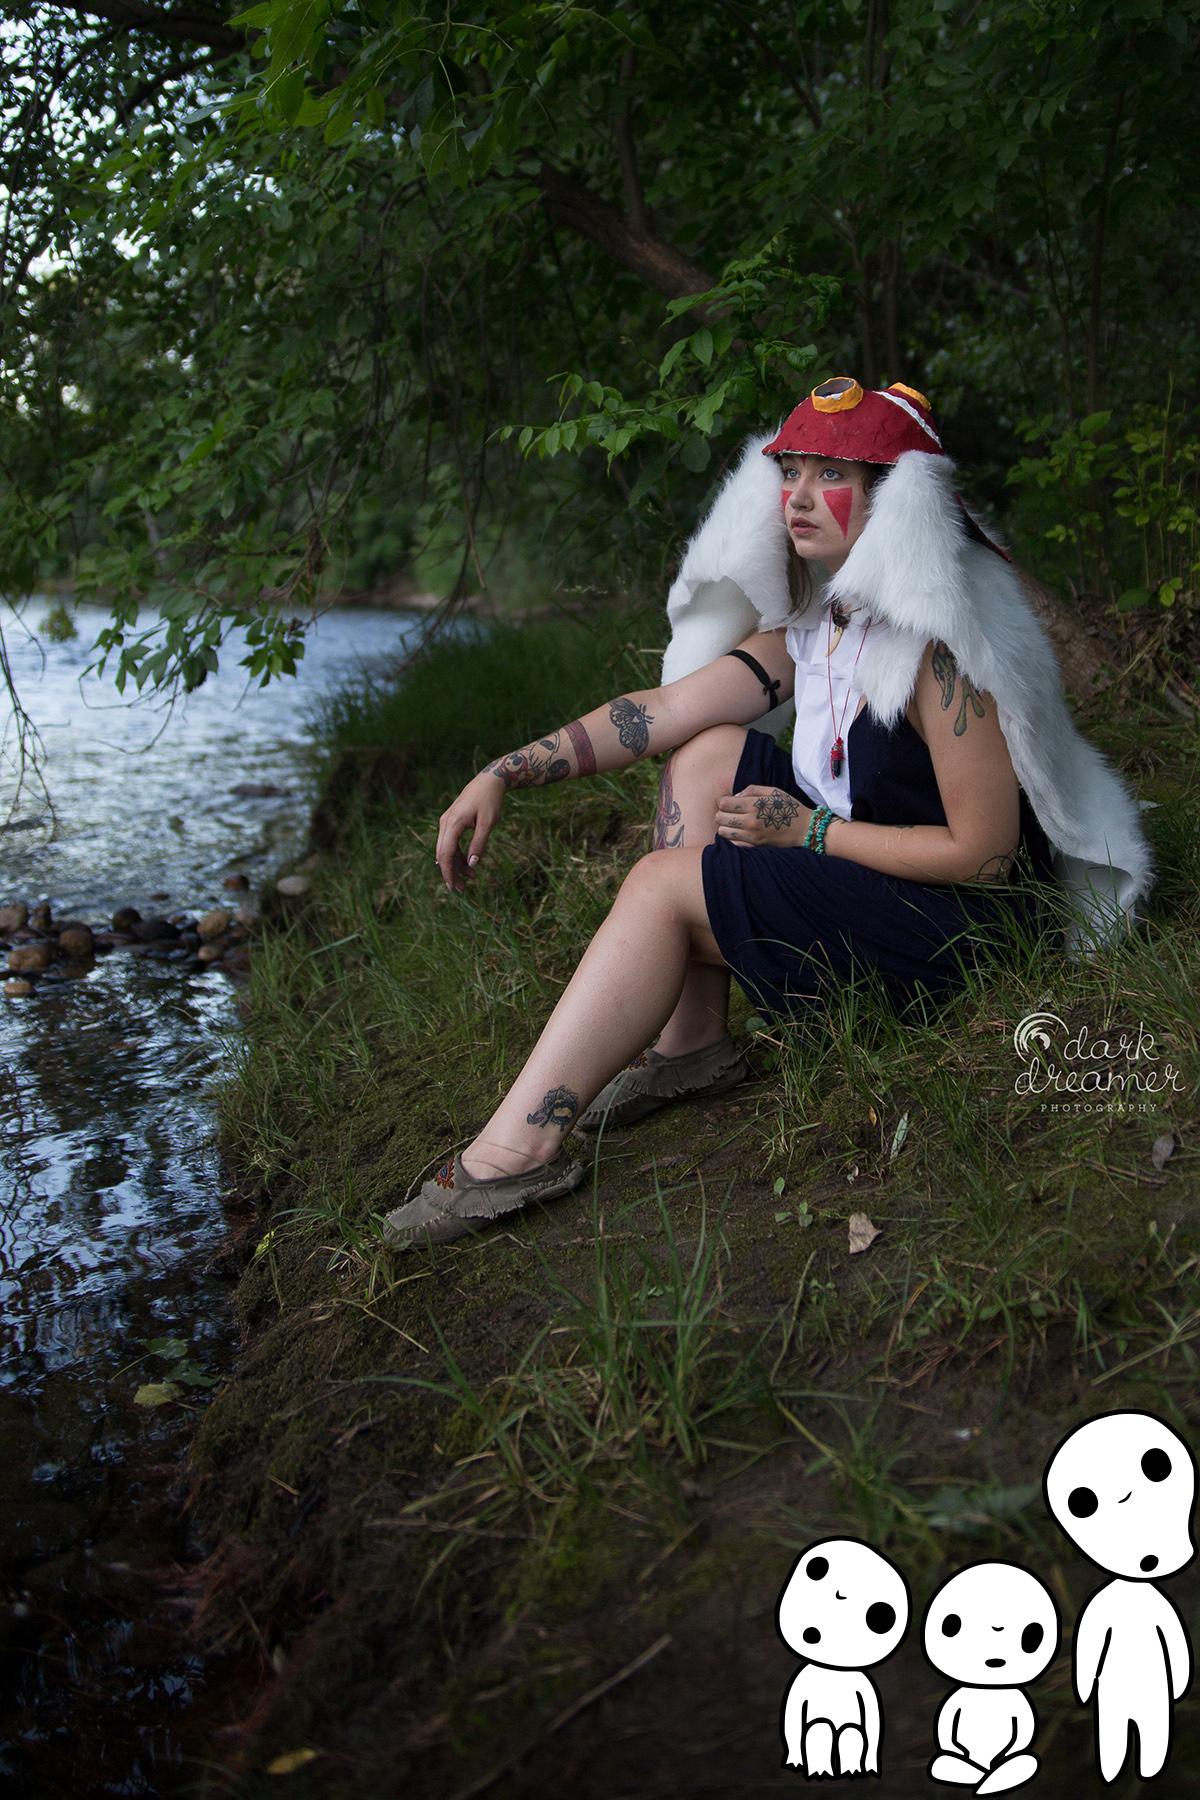 Princess Mononoke Cosplay Photoshoot